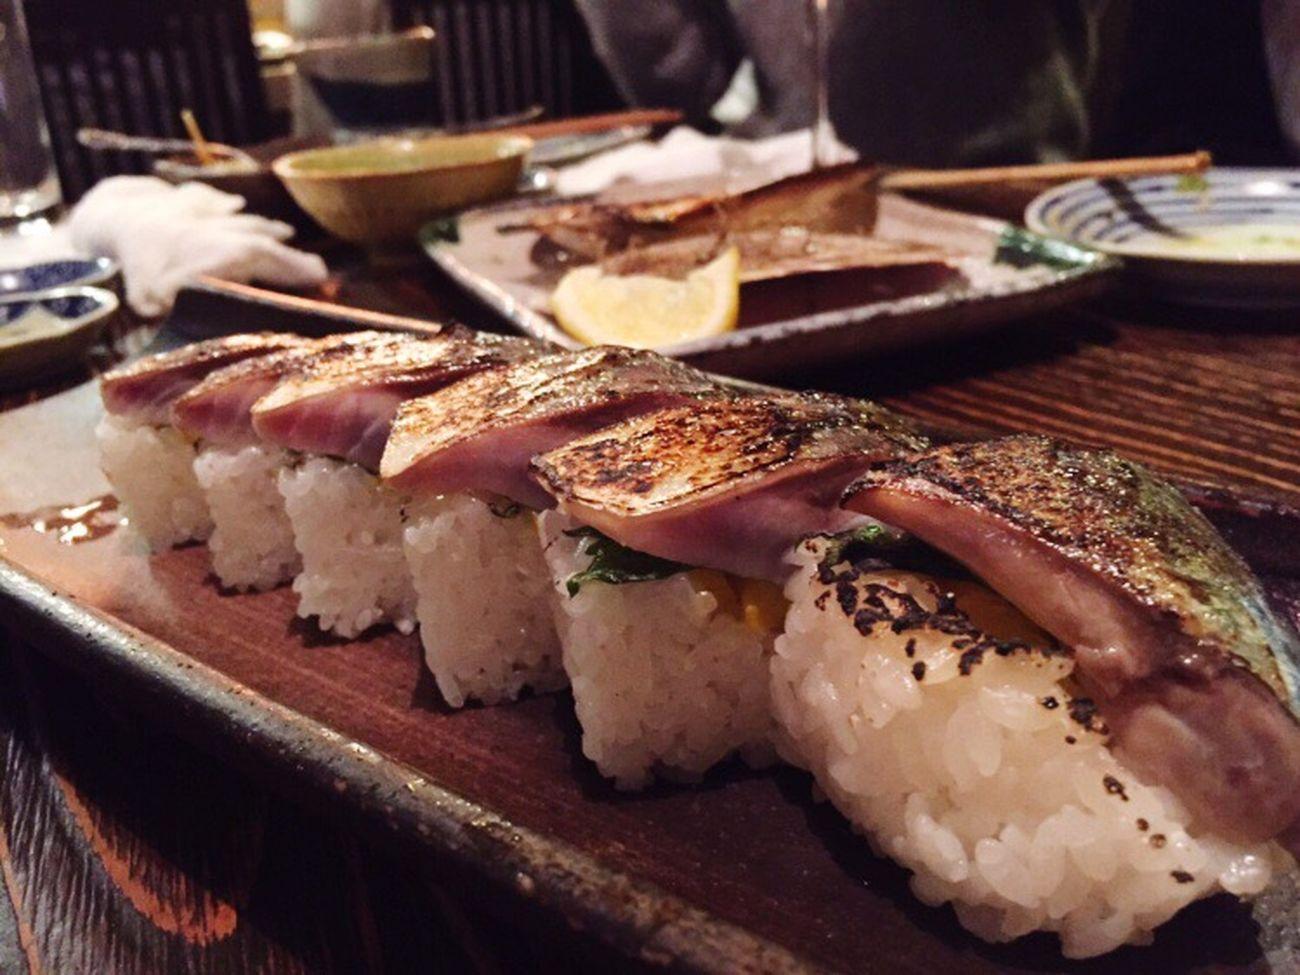 鯖寿司 Food Food And Drink Indoors  Meat Freshness SLICE Close-up Table No People Healthy Eating Sandwich Ready-to-eat Day Fukuoka,Japan Fukuoka